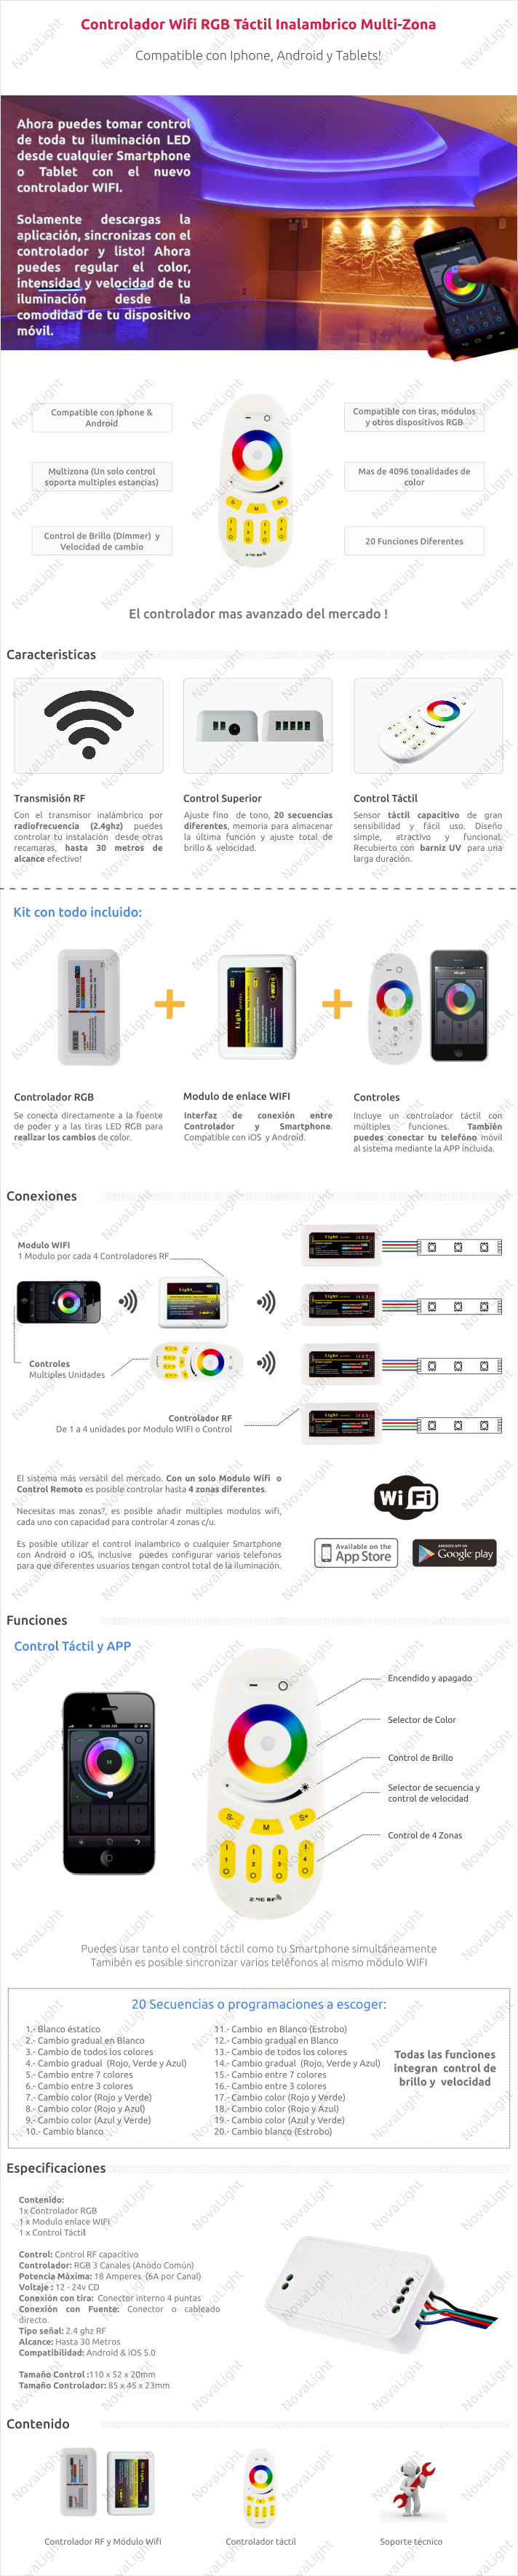 Descripción del controlador WIFI compatible con Iphone y Android